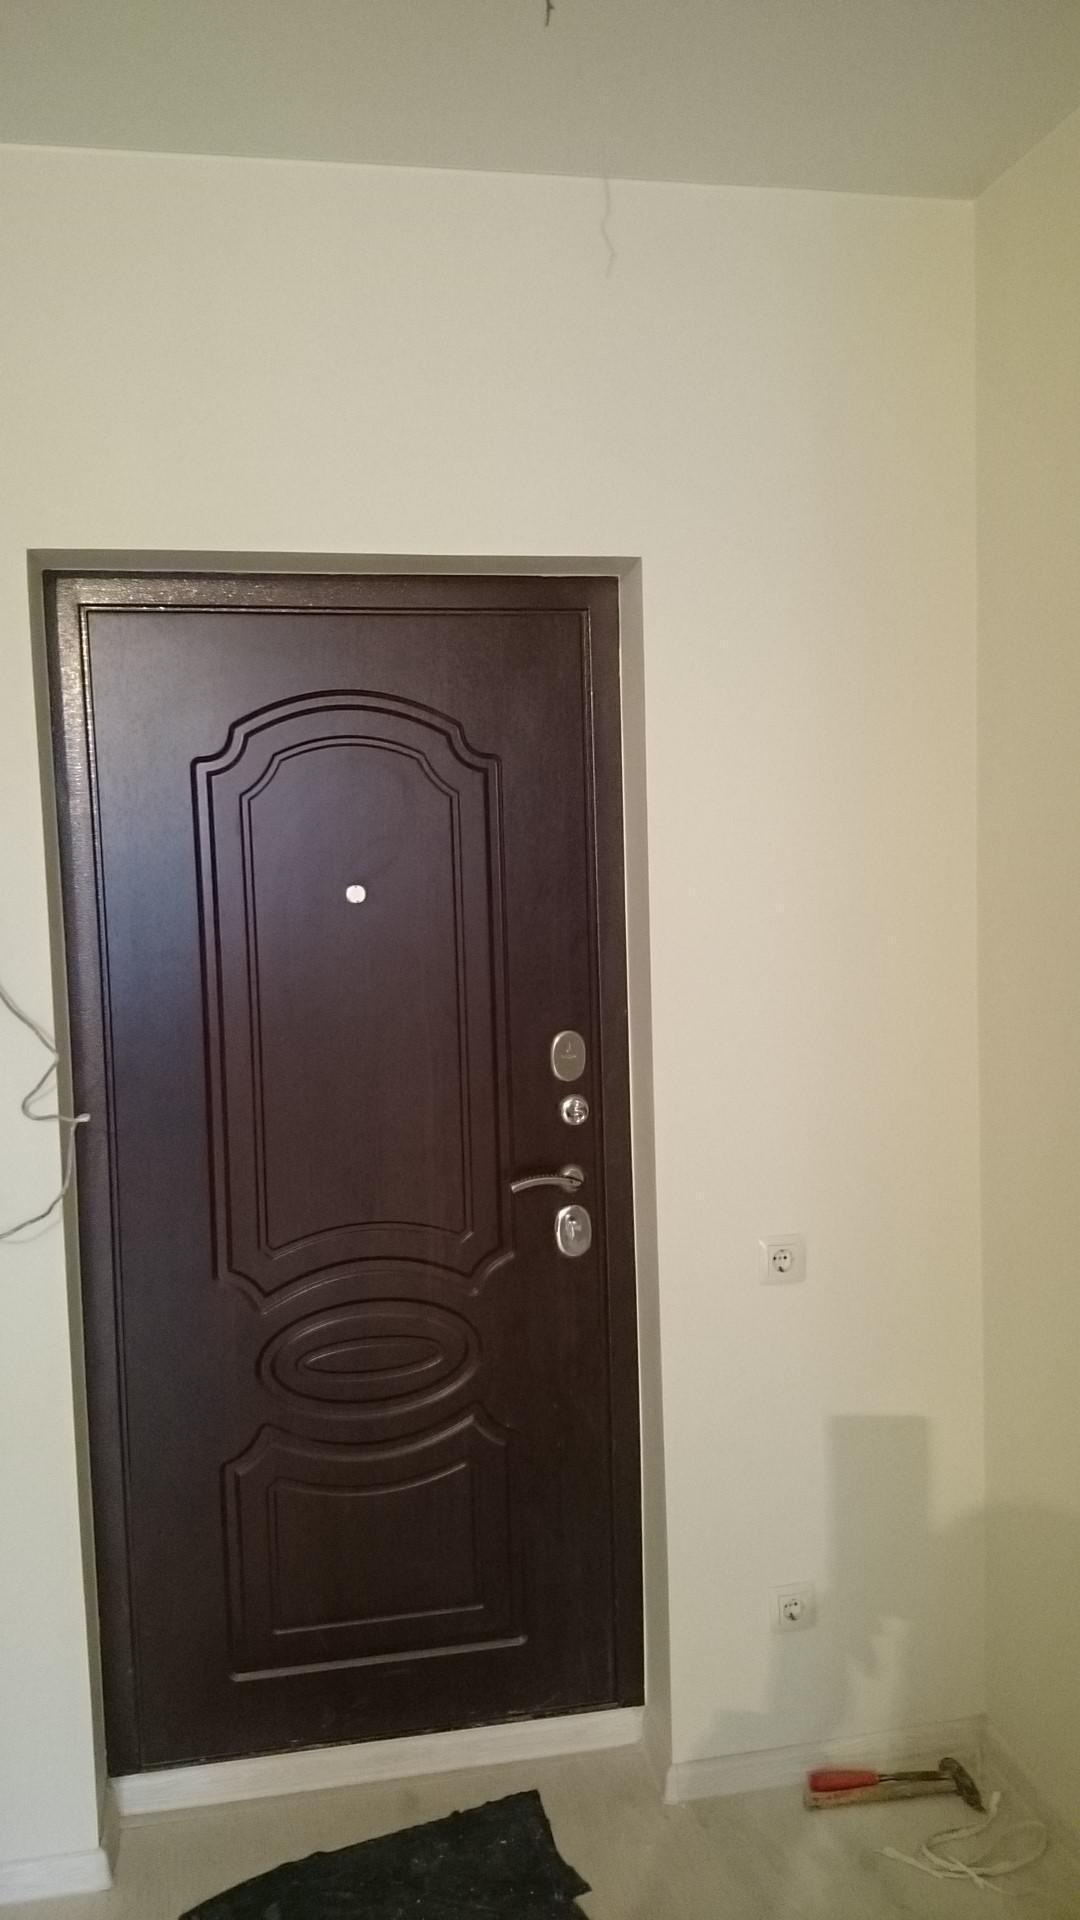 Москва, 1-но комнатная квартира, Николо-Хованская д.24, 6200000 руб.